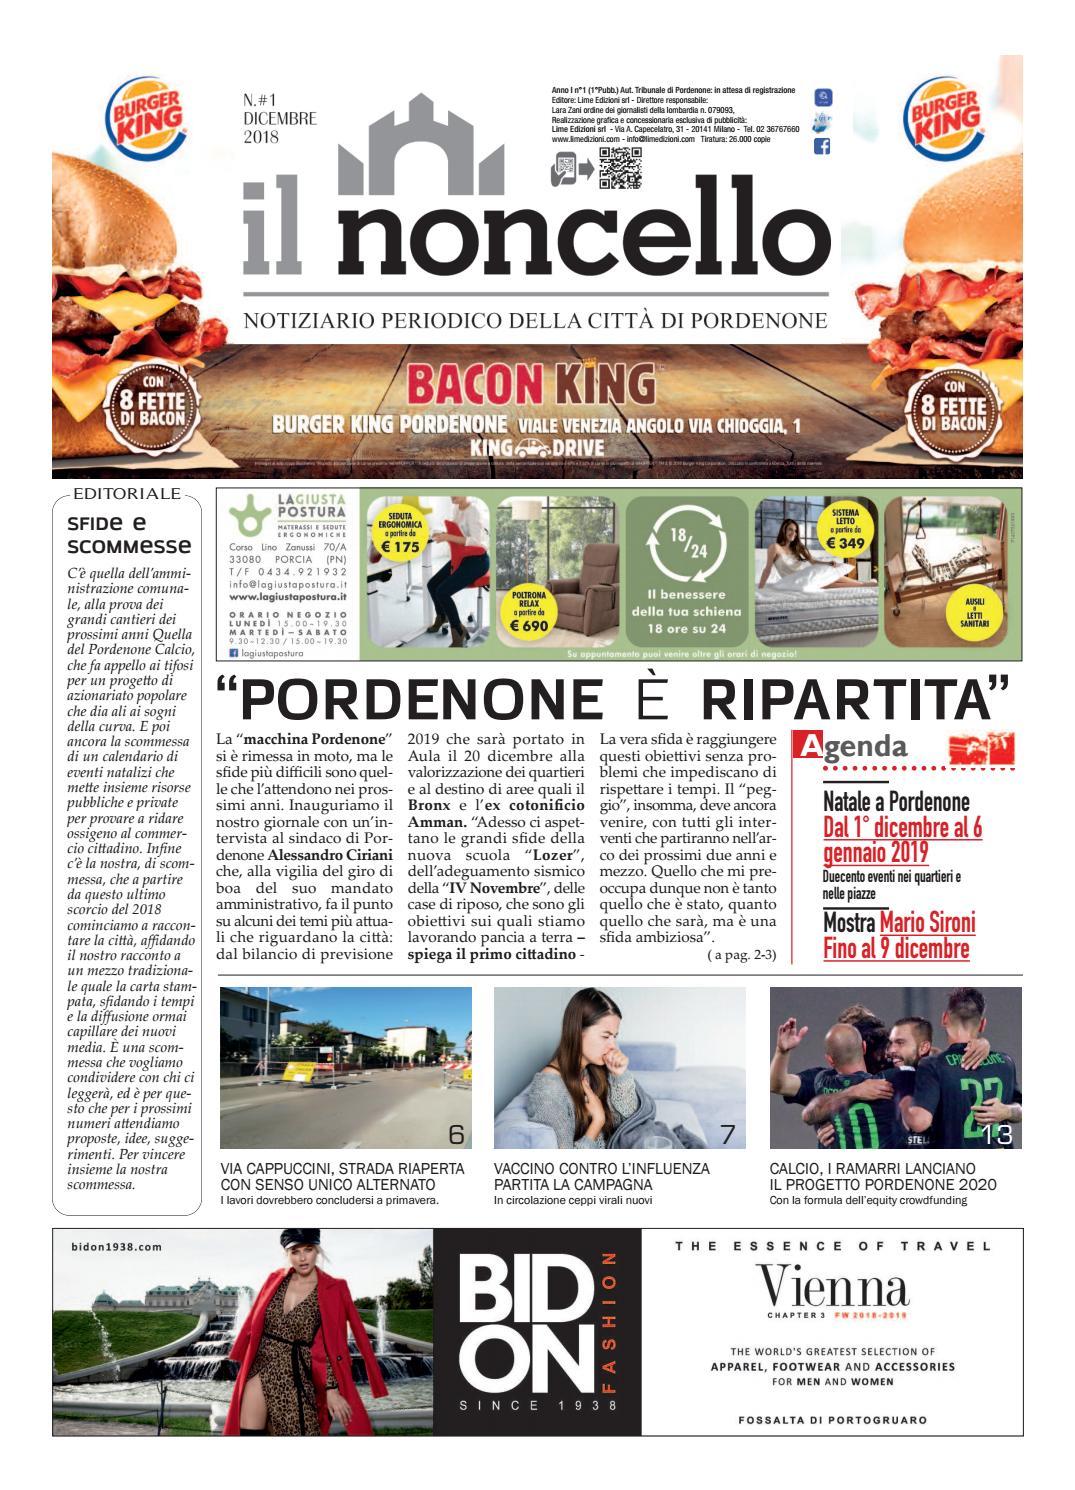 Ilnoncello Notiziario Di Pordenone By Lime Edizioni Milano Issuu